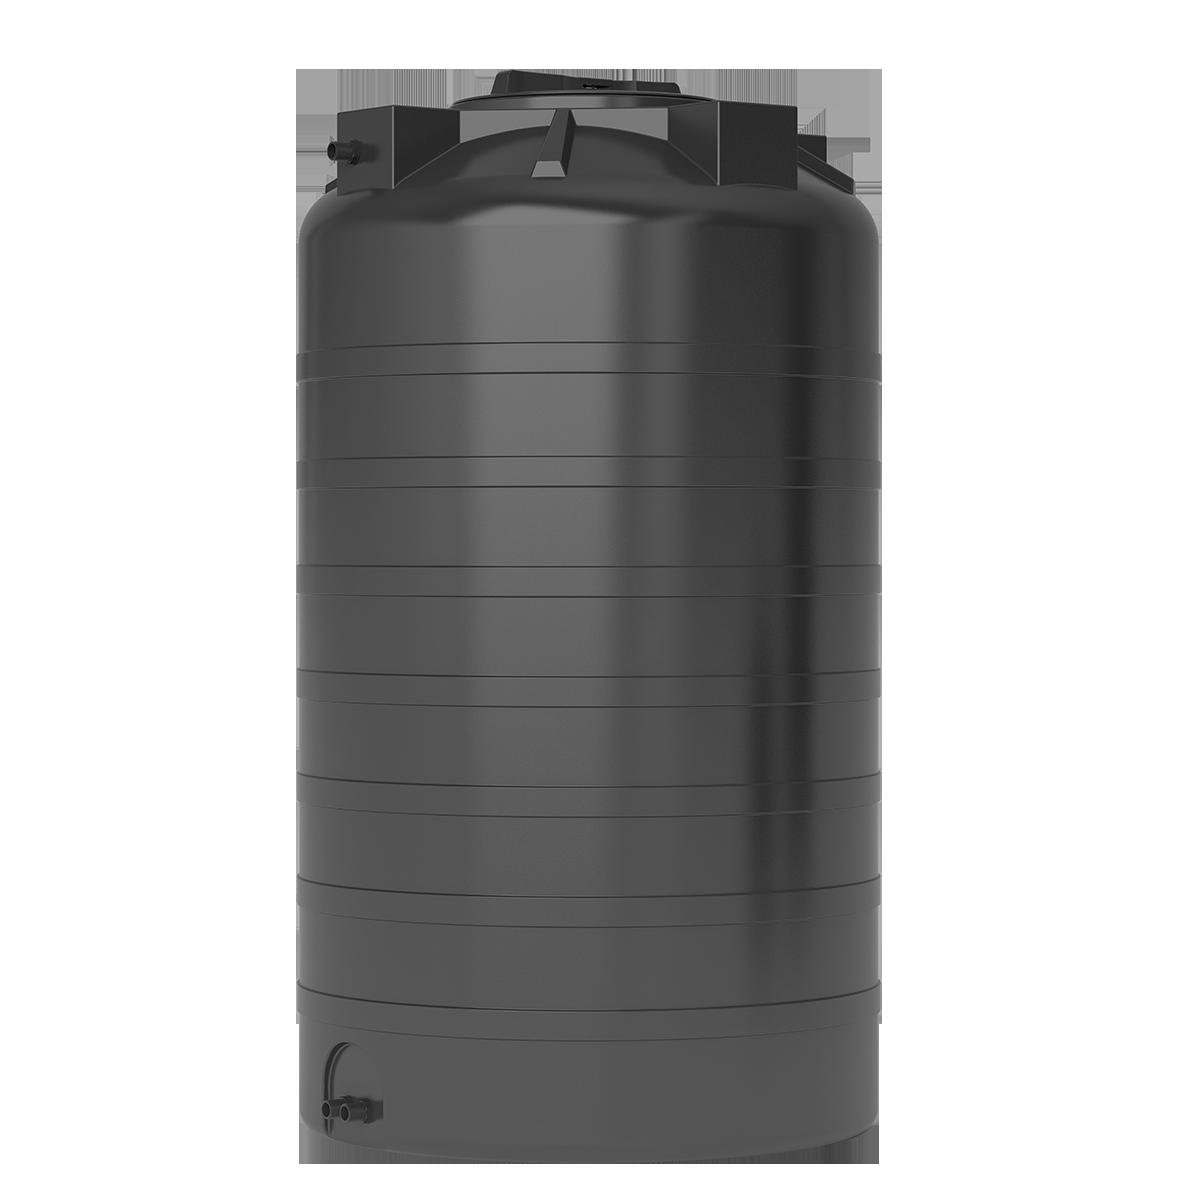 Пластиковый бак для воды Акватек ATV 500 (черный)